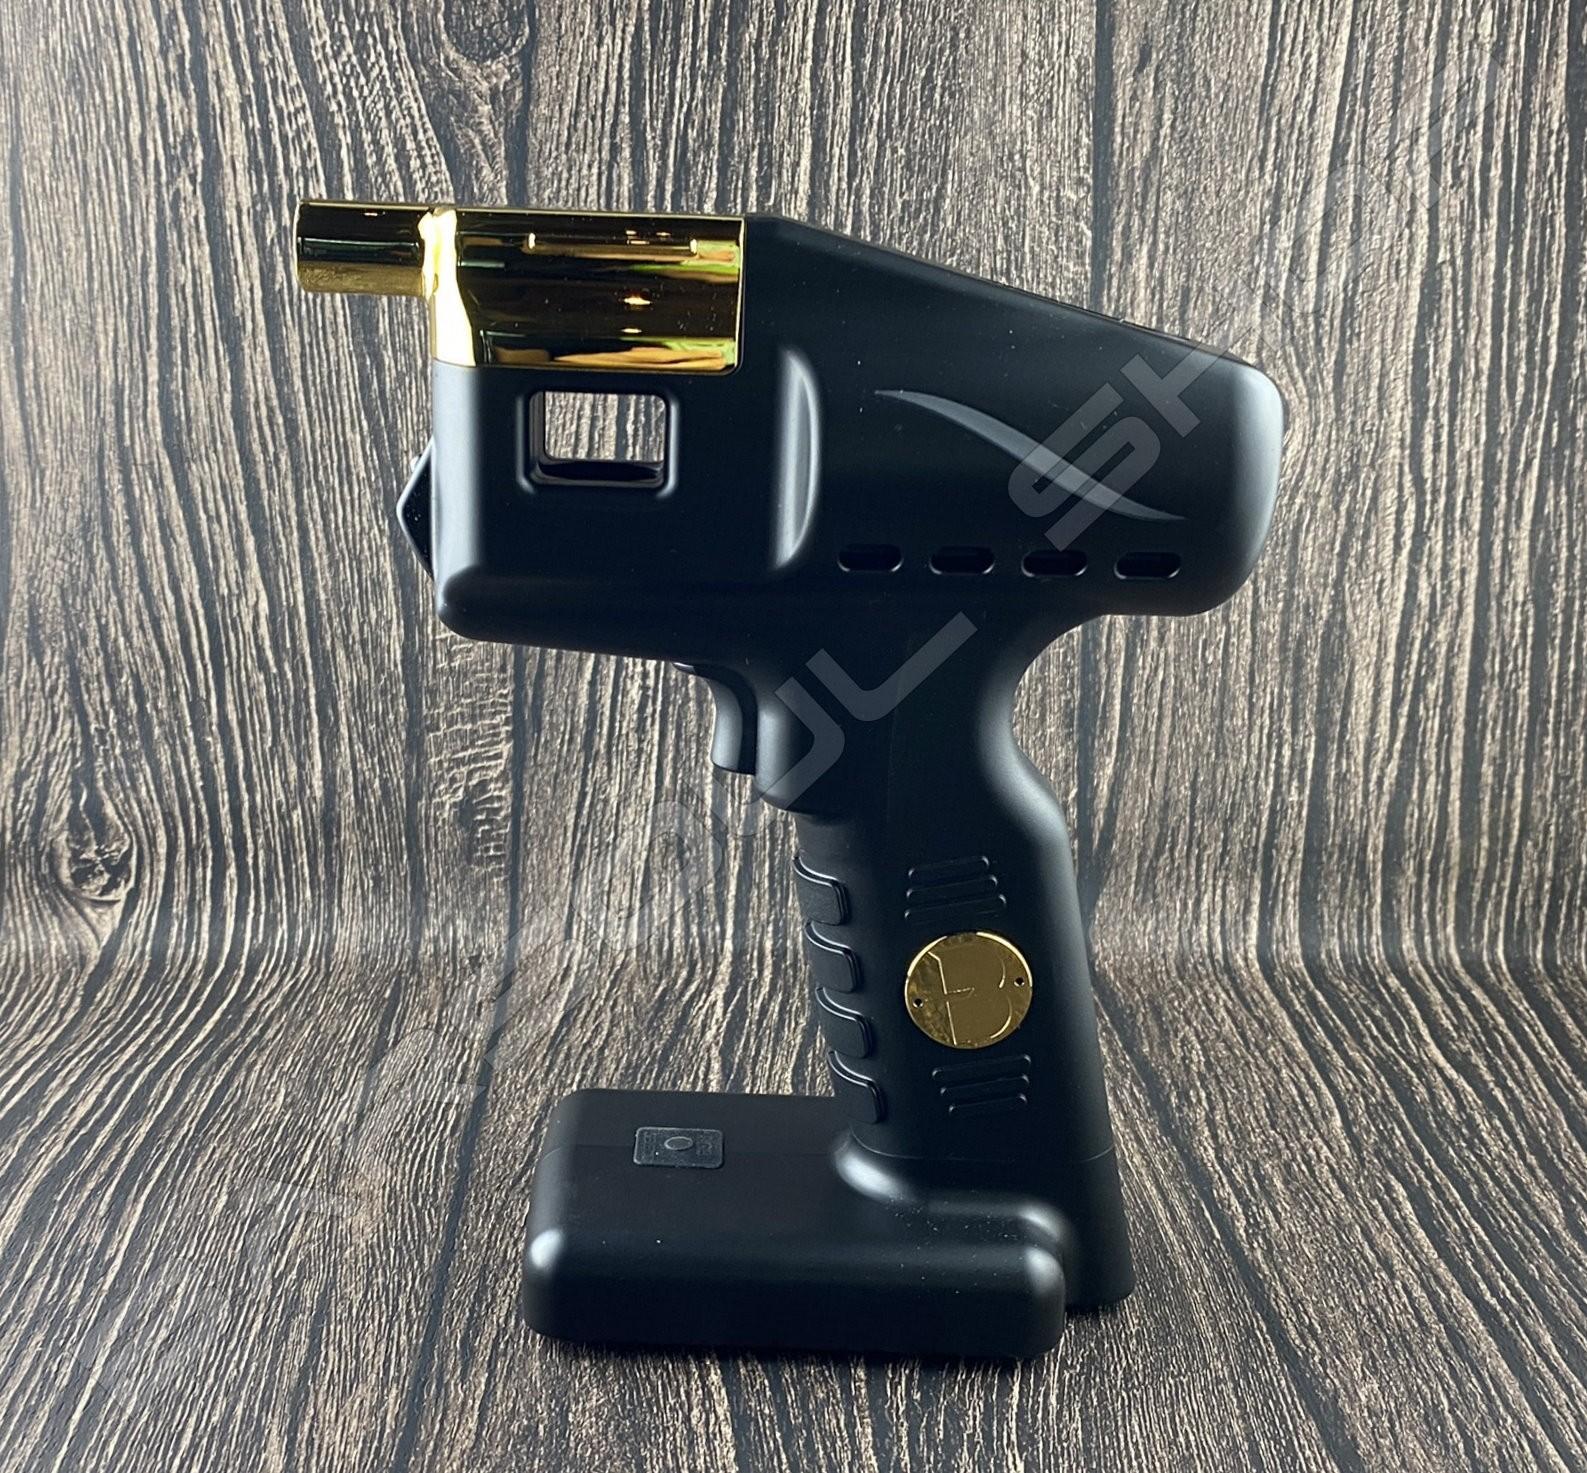 2021 英國新款 FLAVOUR BLASTER 二合一泡泡煙燻槍組(金gold)